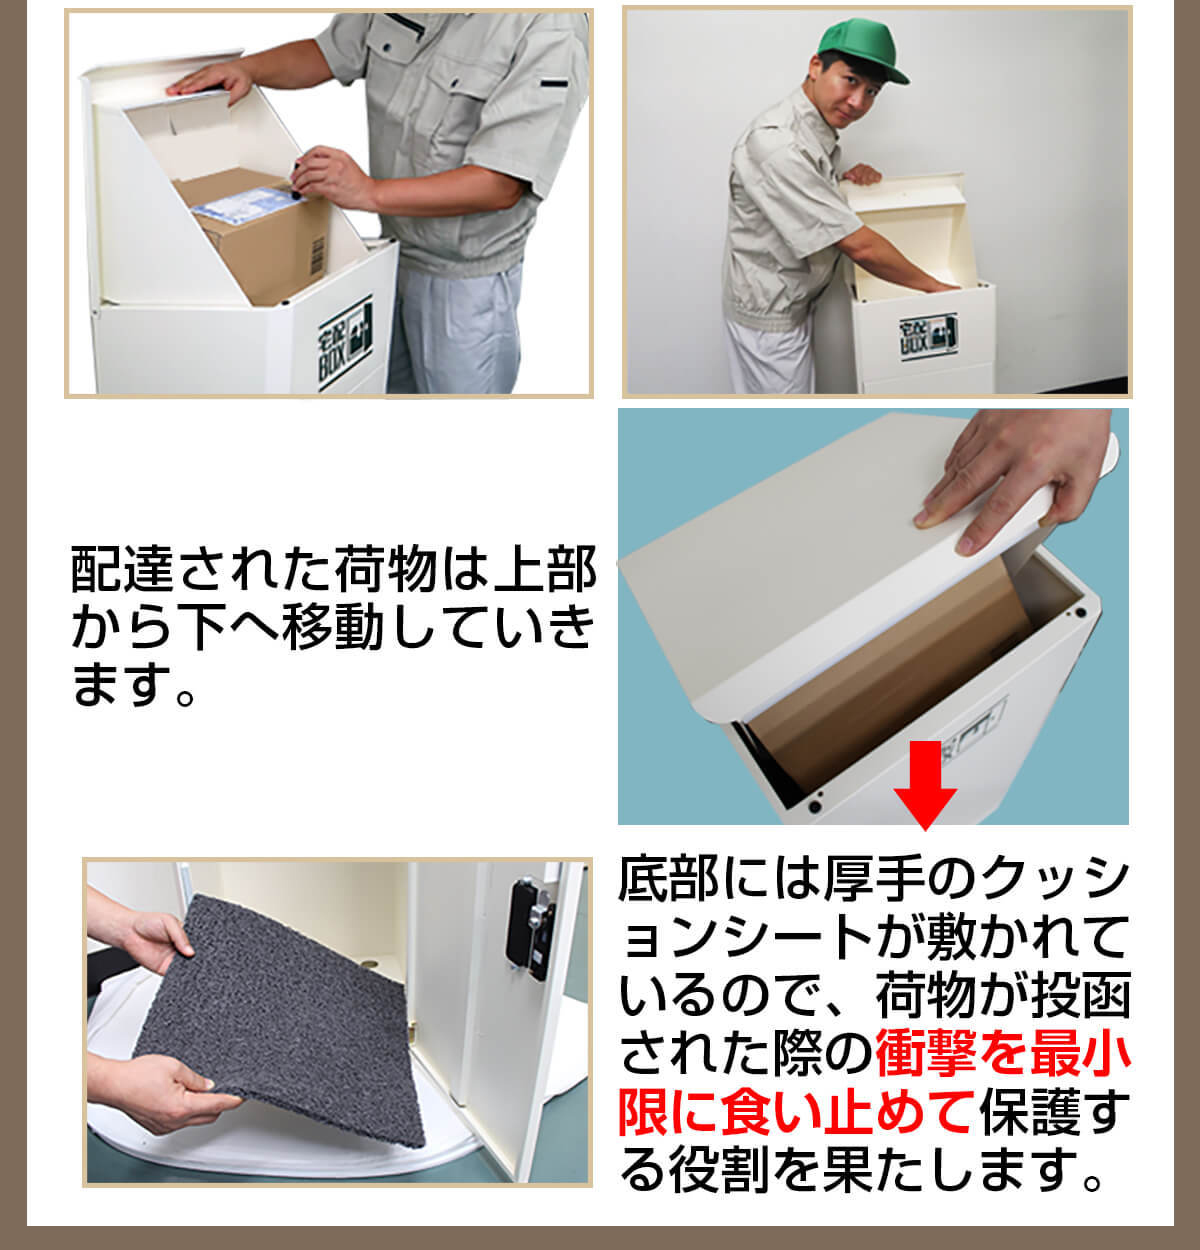 宅配ボックス ルスネコボックス®の上からの使い方3